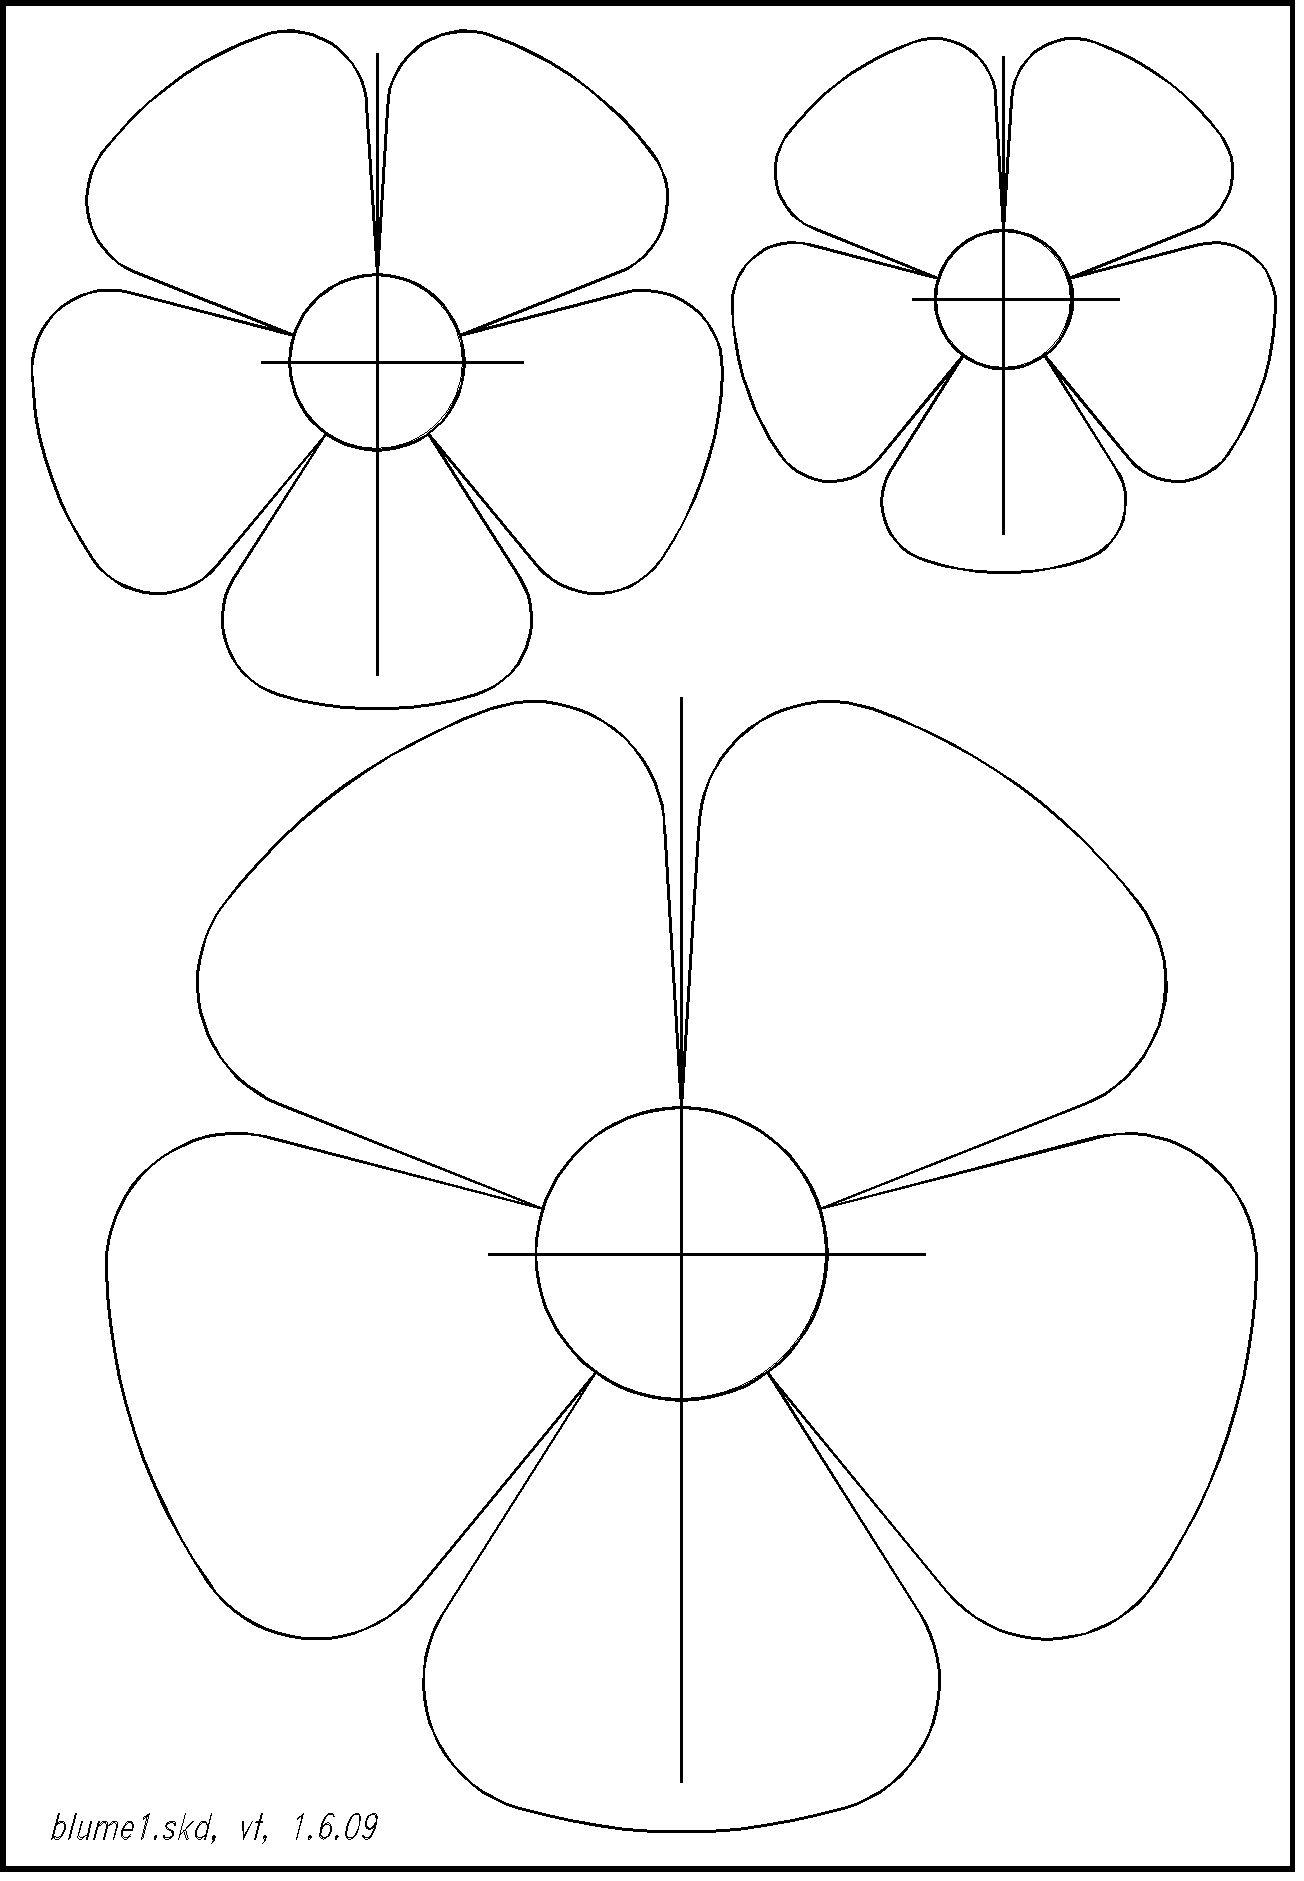 Pin Von Mcclan Auf Paper Craft (Mit Bildern)   Vorlagen bestimmt für Blumen Vorlagen Kostenlos Ausdrucken